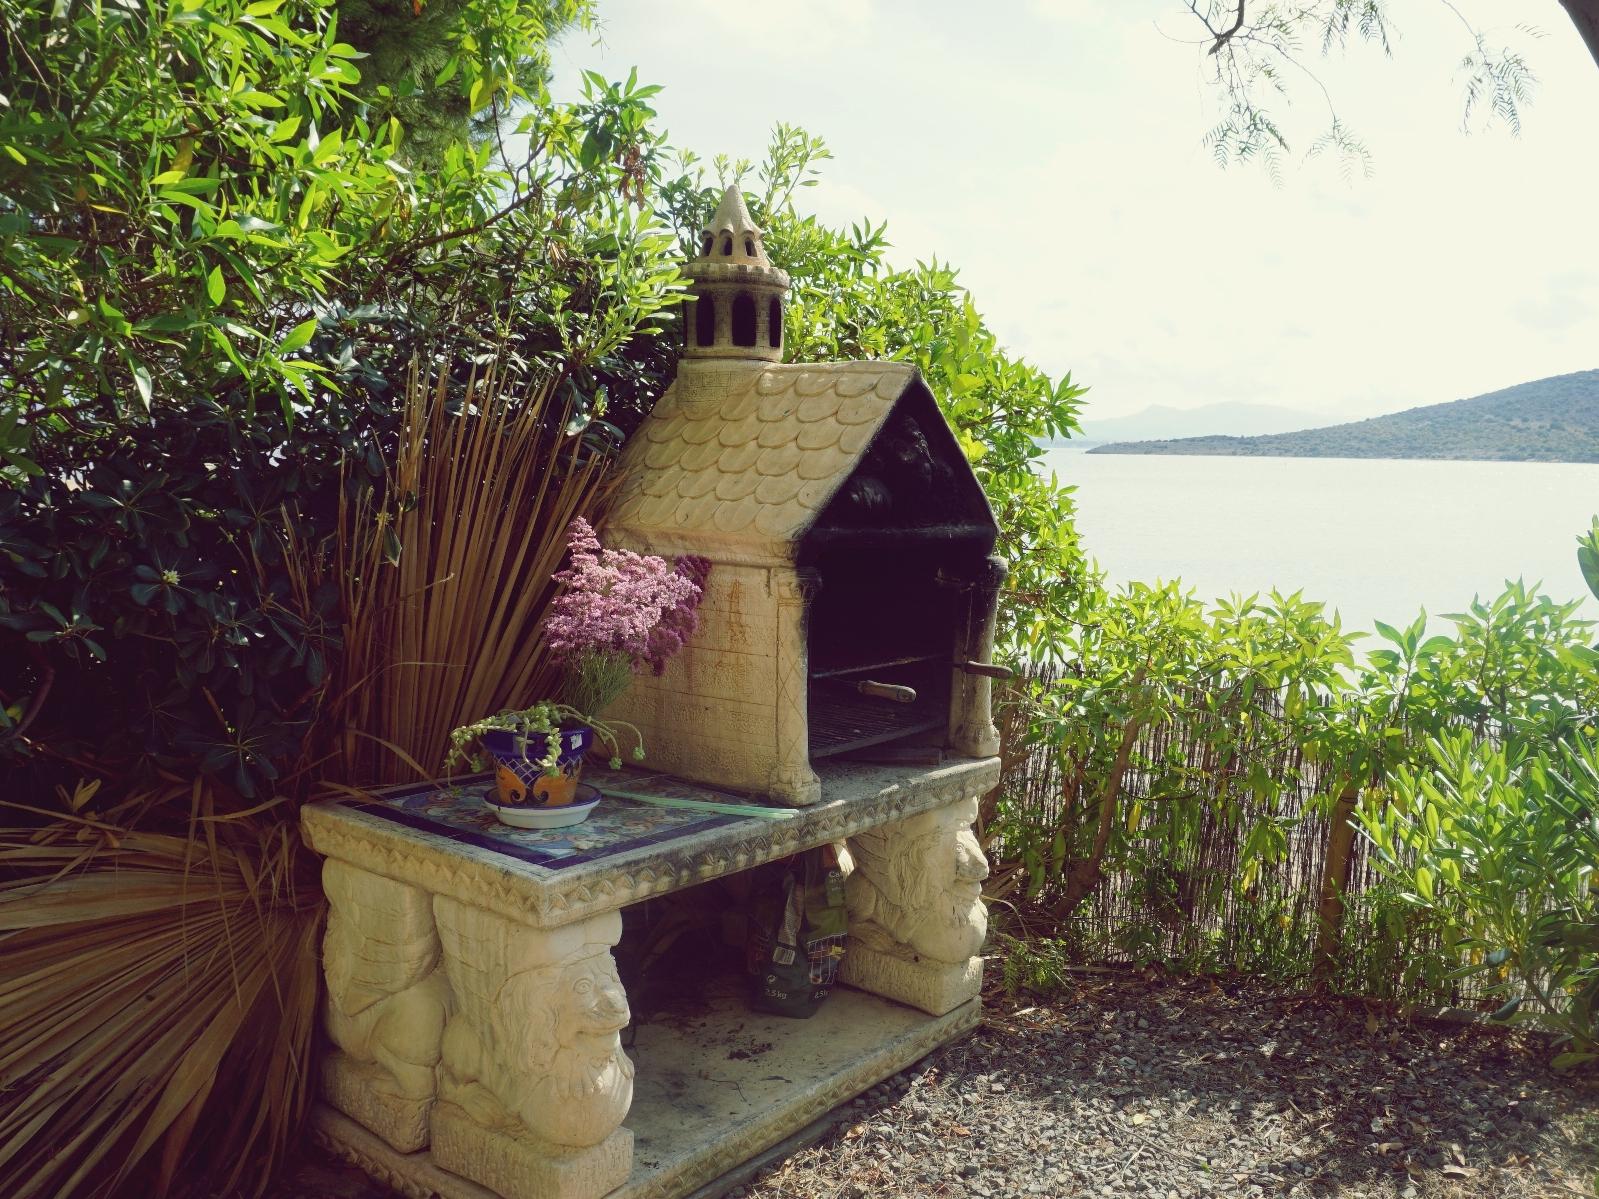 Grill, taras, ogród, Pani Dorcia, panidorcia blog, blog o Islandii, blog o Hiszpanii, wakacje w Hiszpanii, urlop w Hiszpanii, La Manga